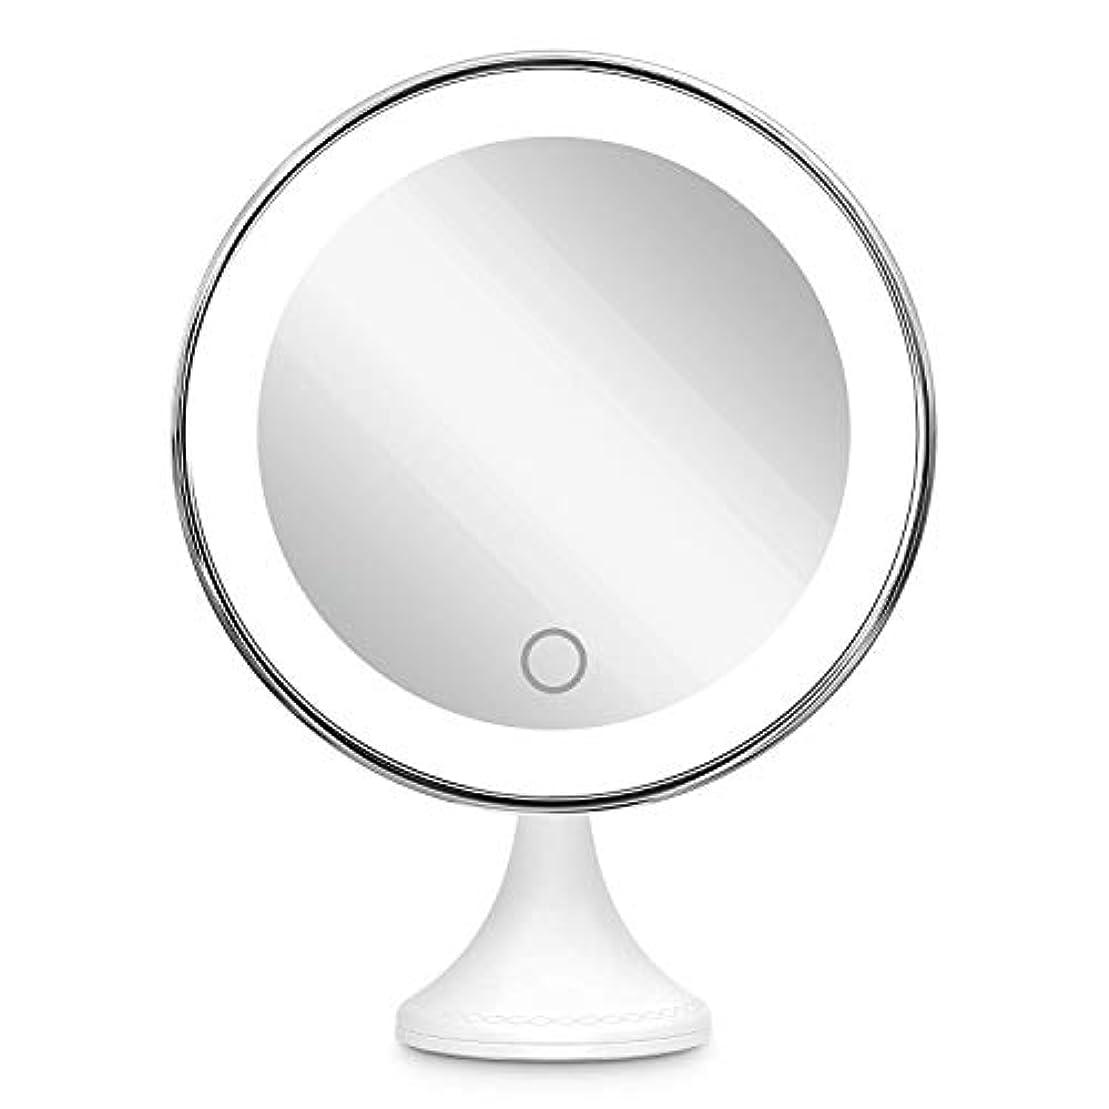 最高沈黙どうしたの10倍拡大鏡 BEQOOL LED化粧鏡 化粧 拡大鏡 浴室鏡 女優ミラー 卓上鏡 壁掛けメイクミラー 吸着力が強いシリカゲル台座付き LEDの明るさと色調節でき 360度回転 単四電池&USB給電対応 ホワイト